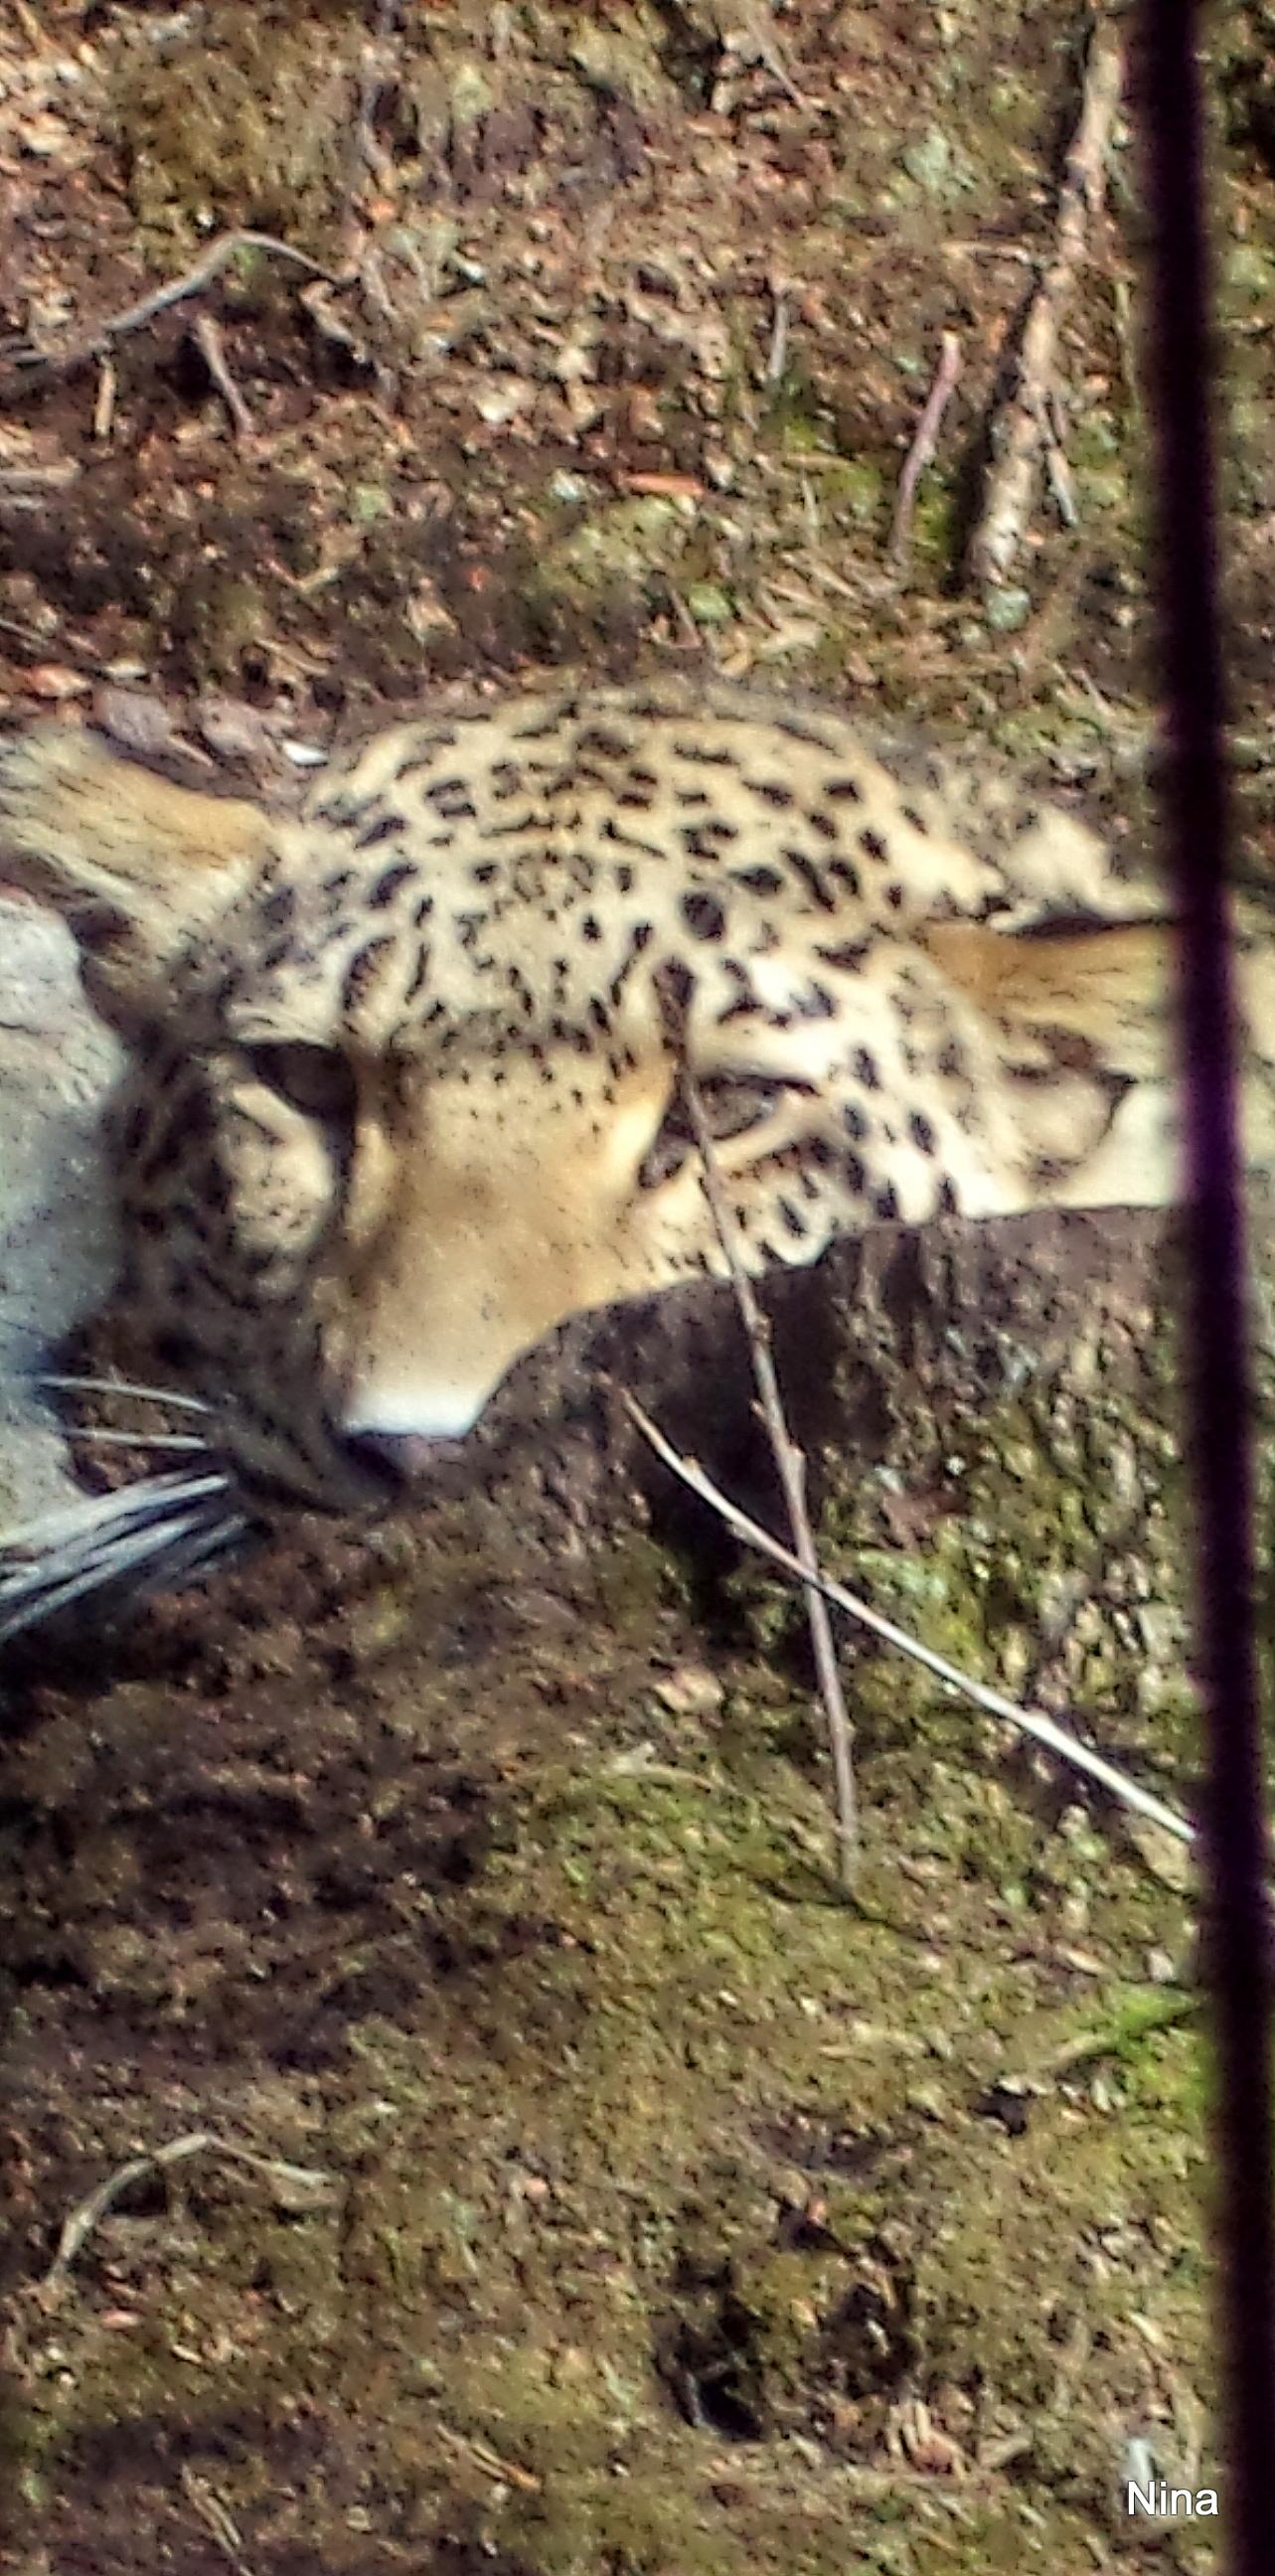 I snöleopardens blick